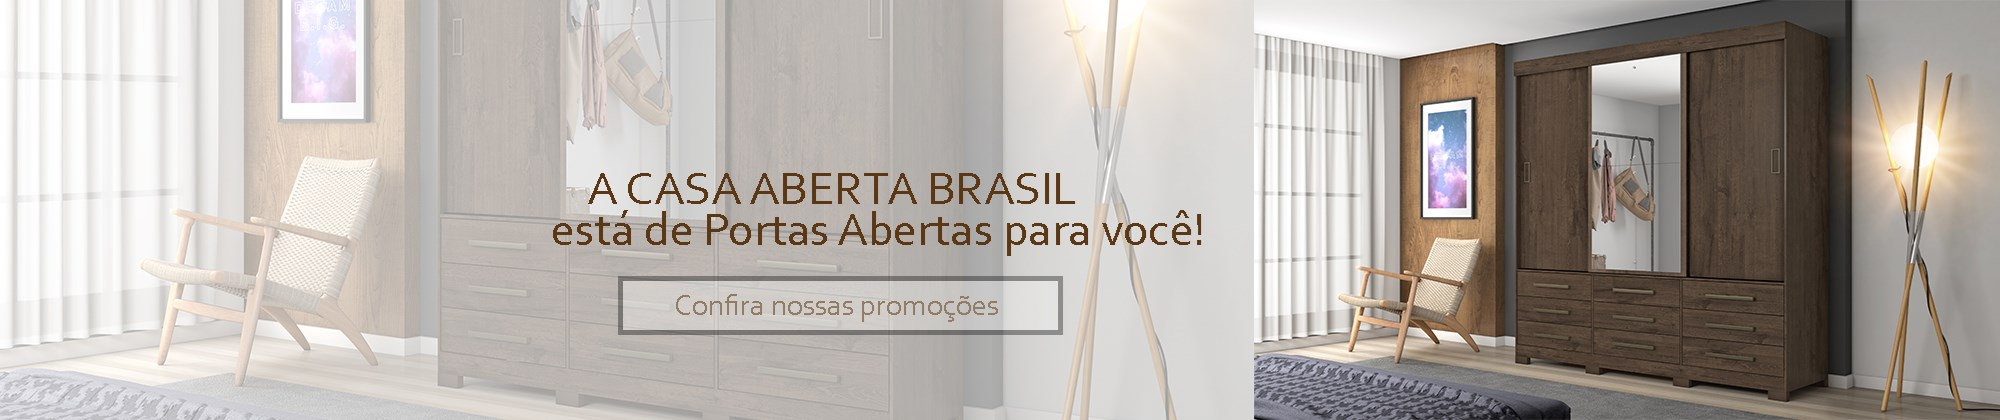 Casa Aberta Brasil - produtos em promoção